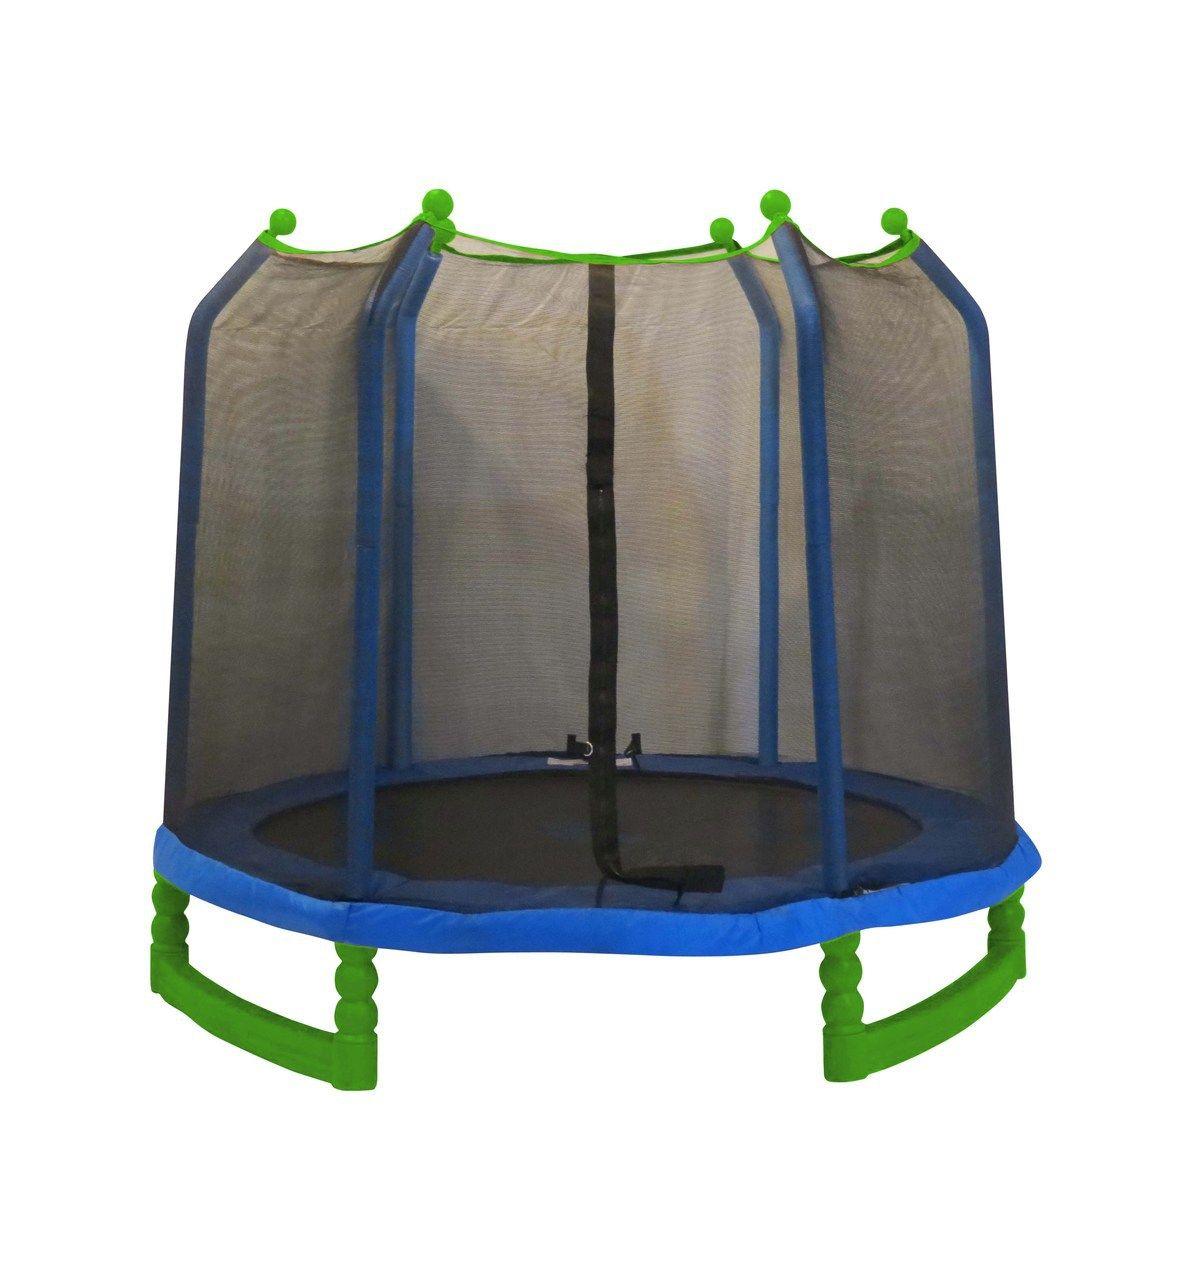 7ft indooroutdoor classic trampoline enclosure set